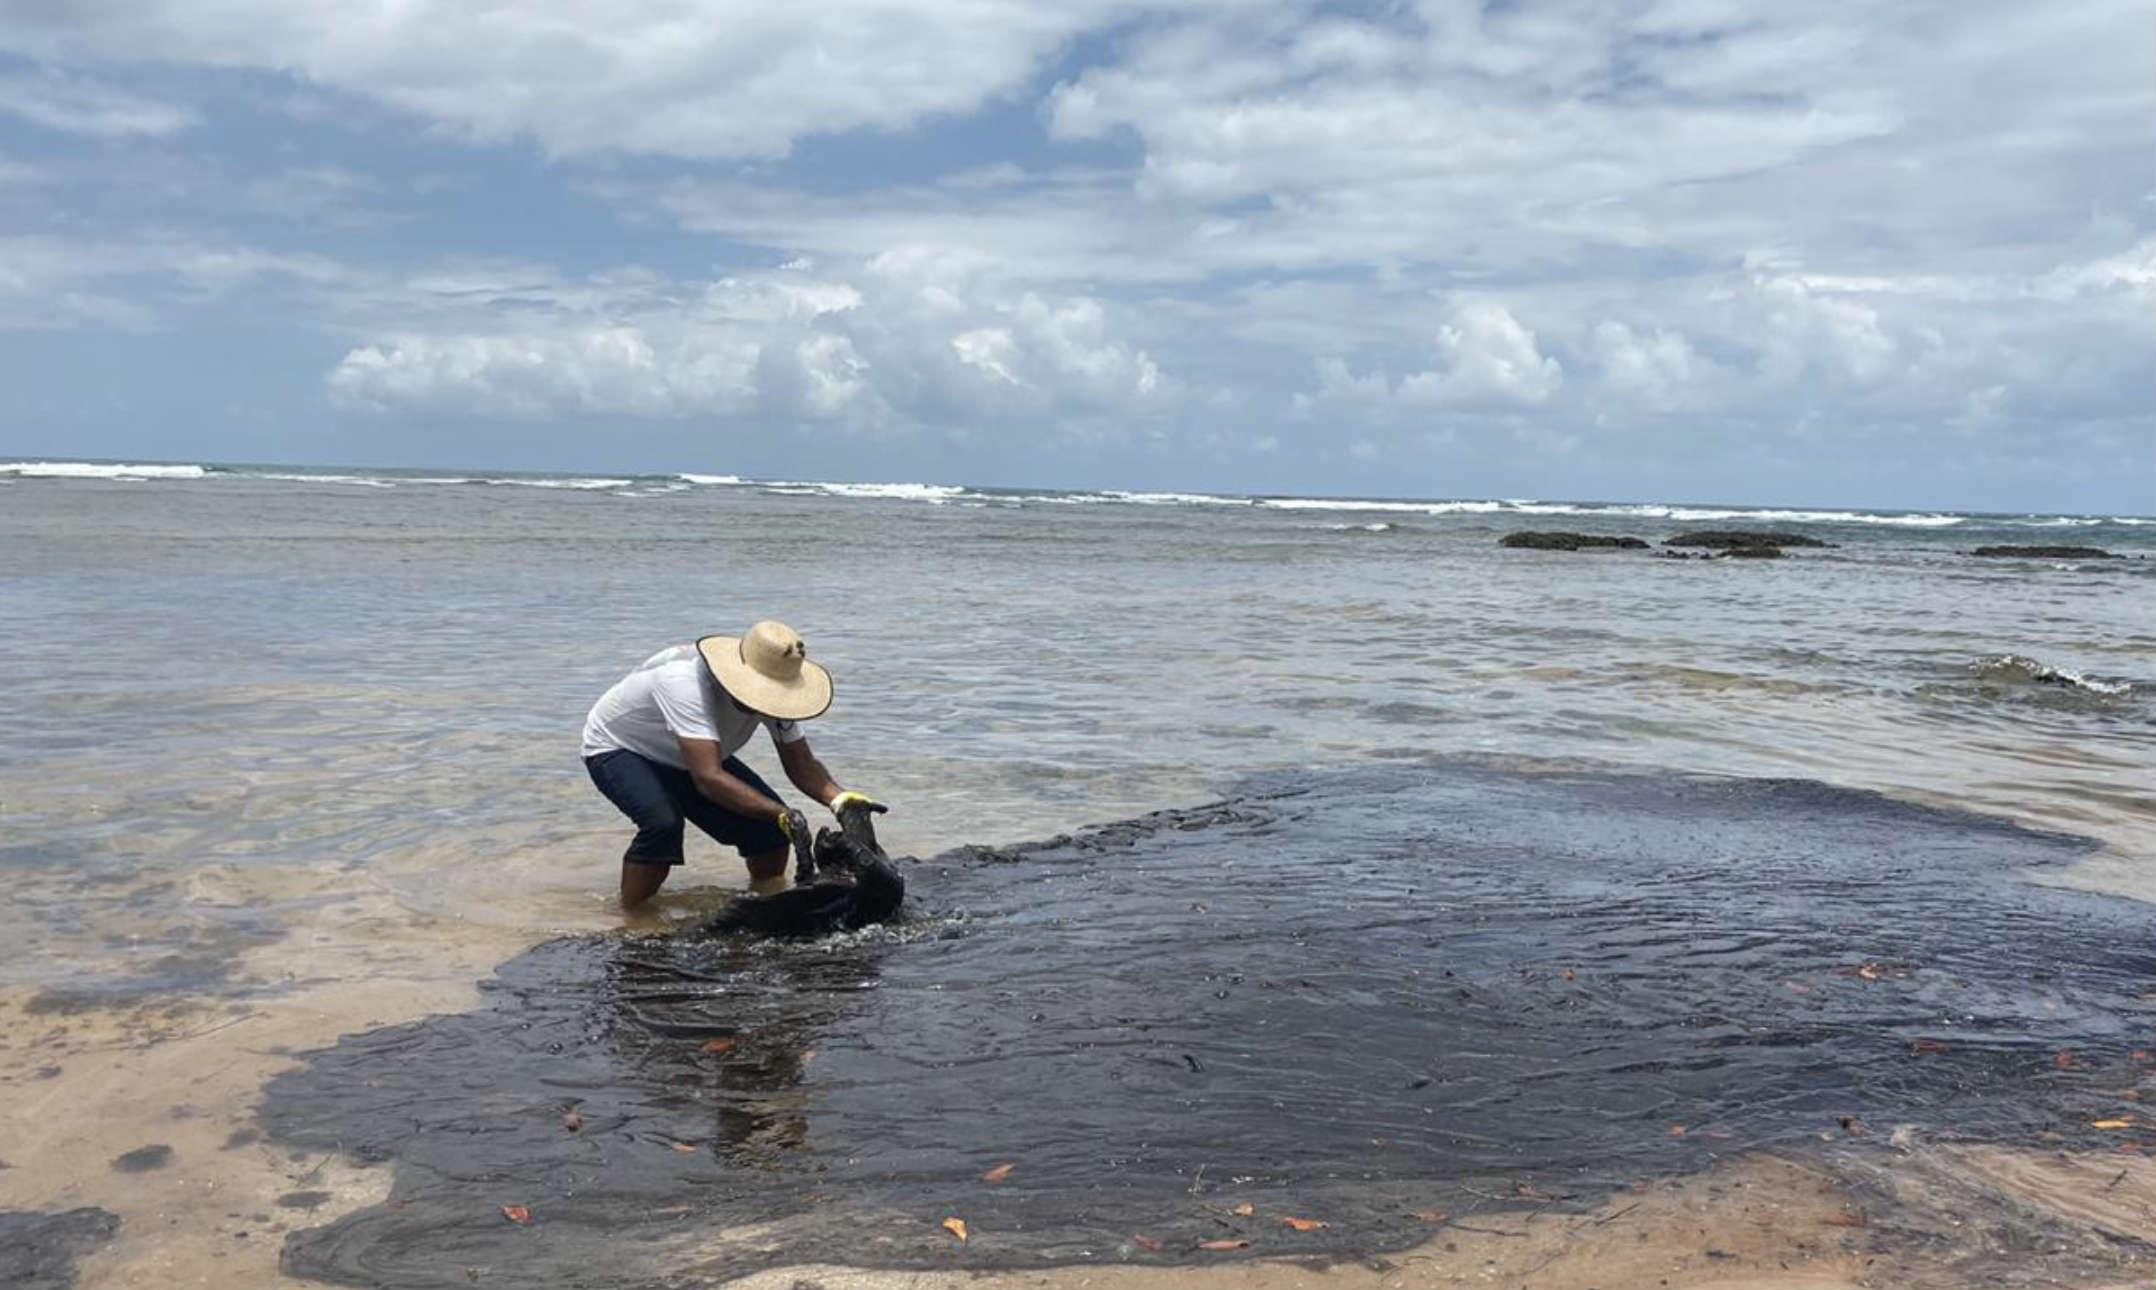 Óleo de origem não esclarecida já atingiu 120 praias da costa nordestina.   (Crédito: Divulgação)